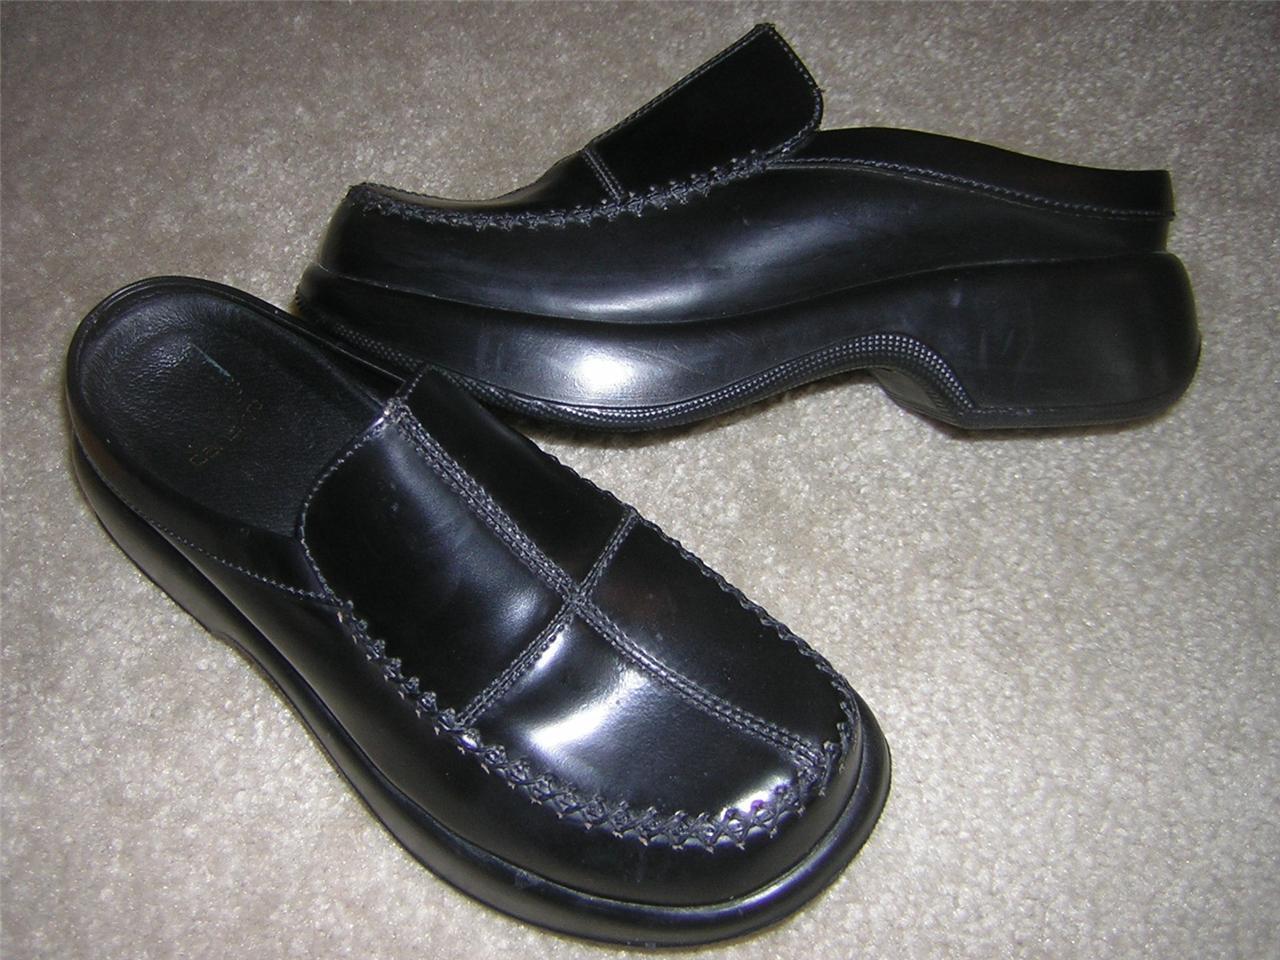 DANSKO Slip-on Dressy Black Leather Mule Clogs Women's Sz EU 36 = US Sz 6-6.5